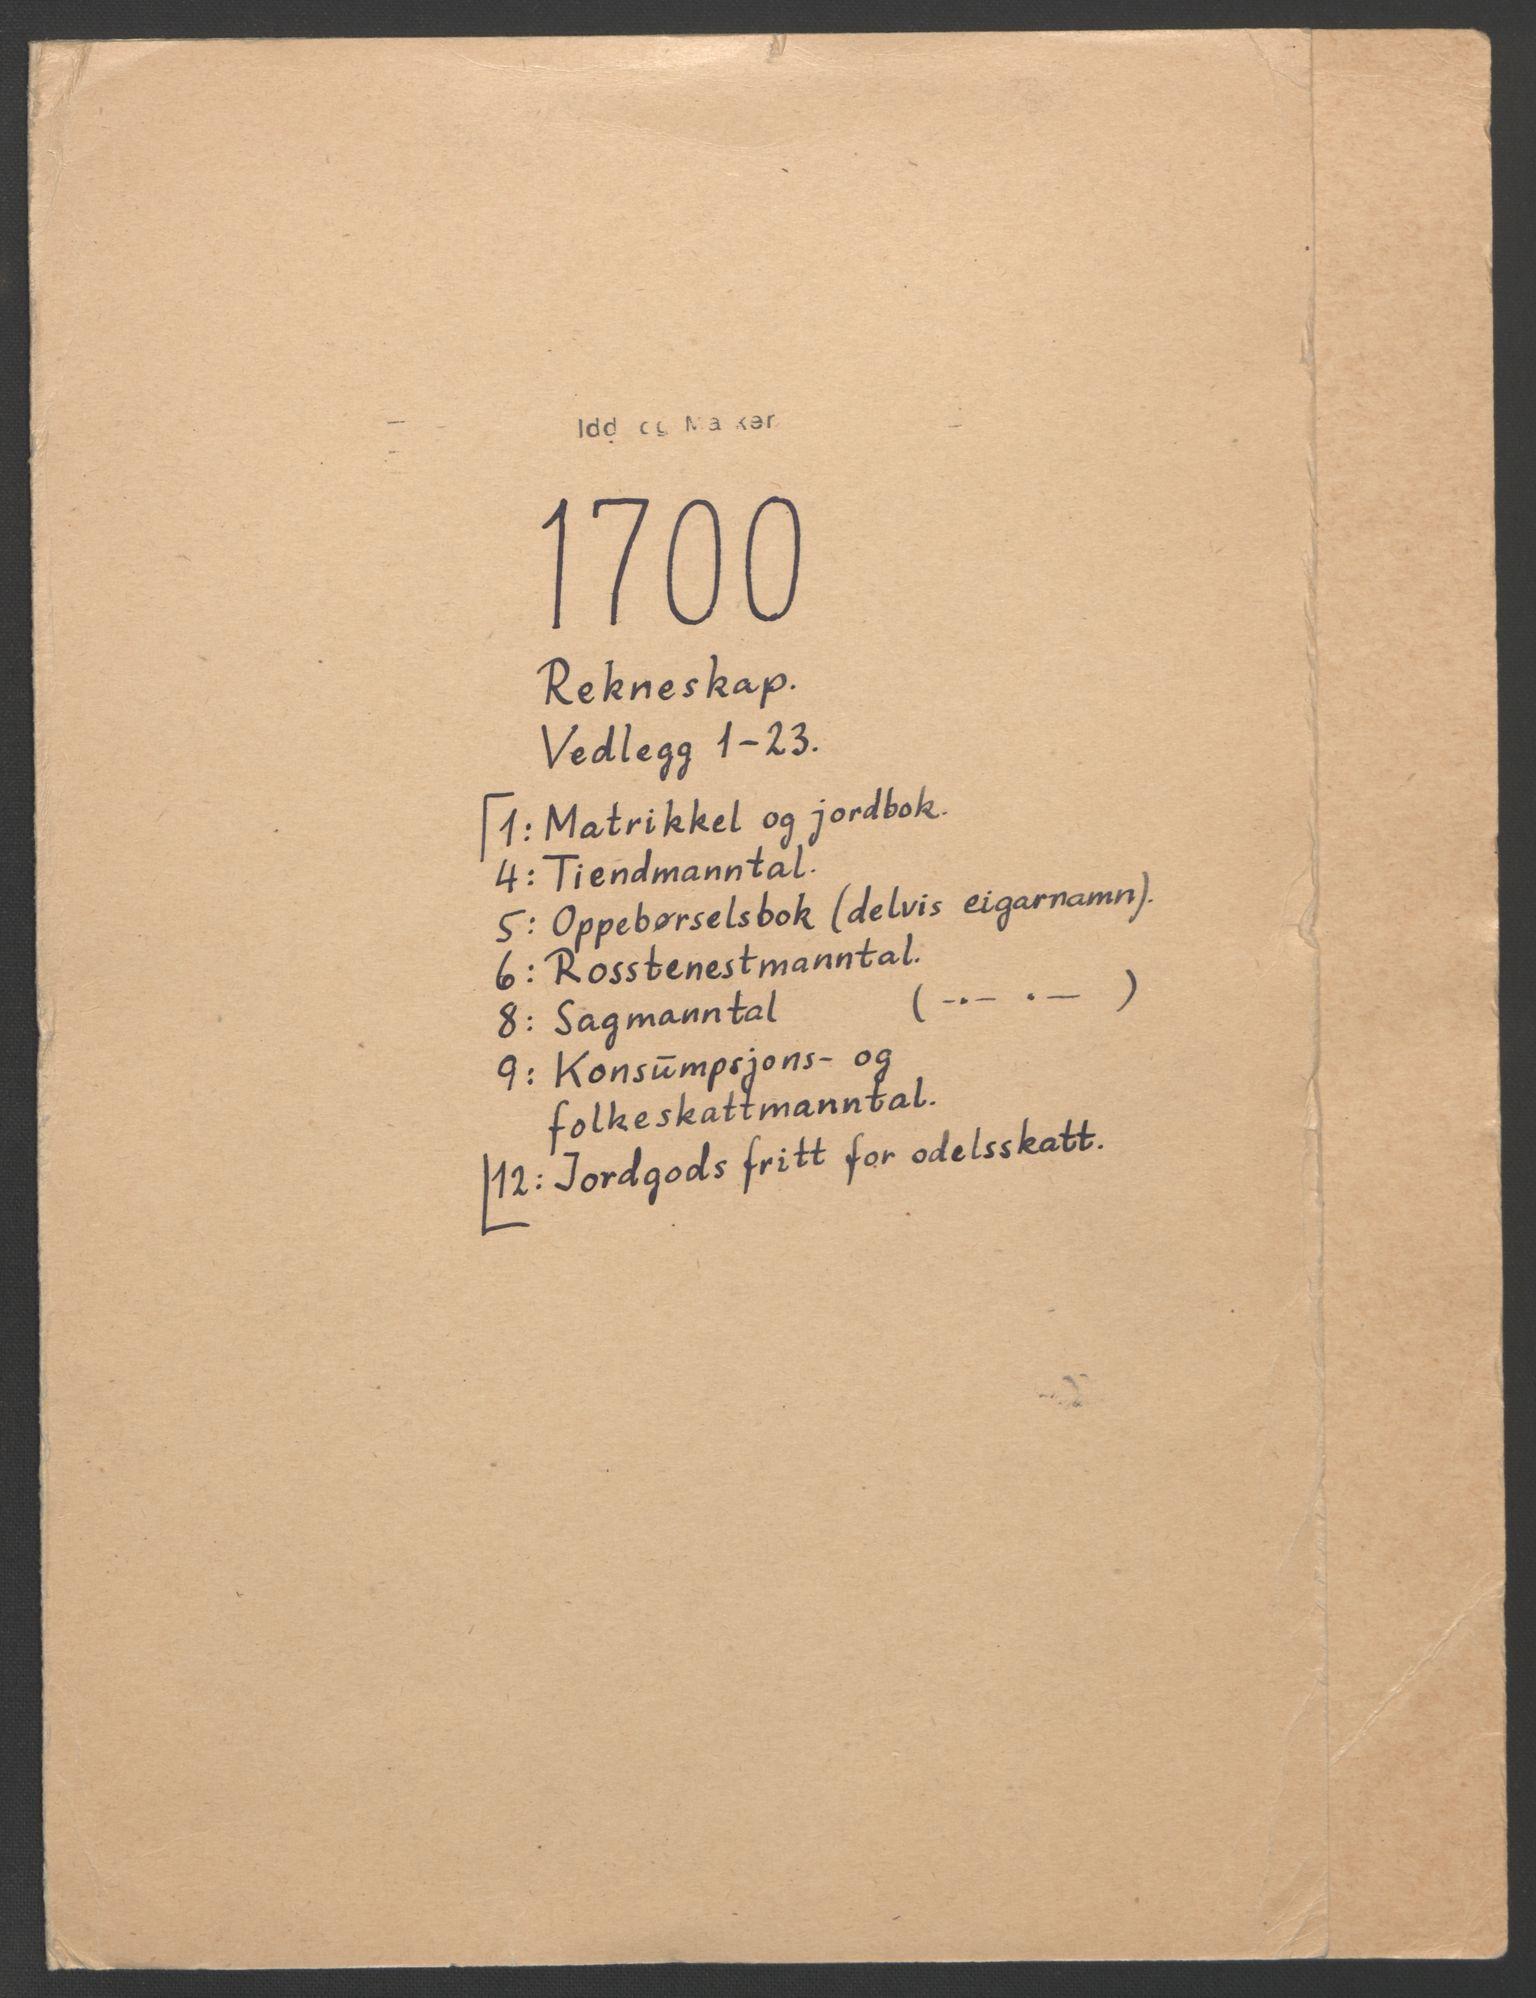 RA, Rentekammeret inntil 1814, Reviderte regnskaper, Fogderegnskap, R01/L0015: Fogderegnskap Idd og Marker, 1700-1701, s. 2